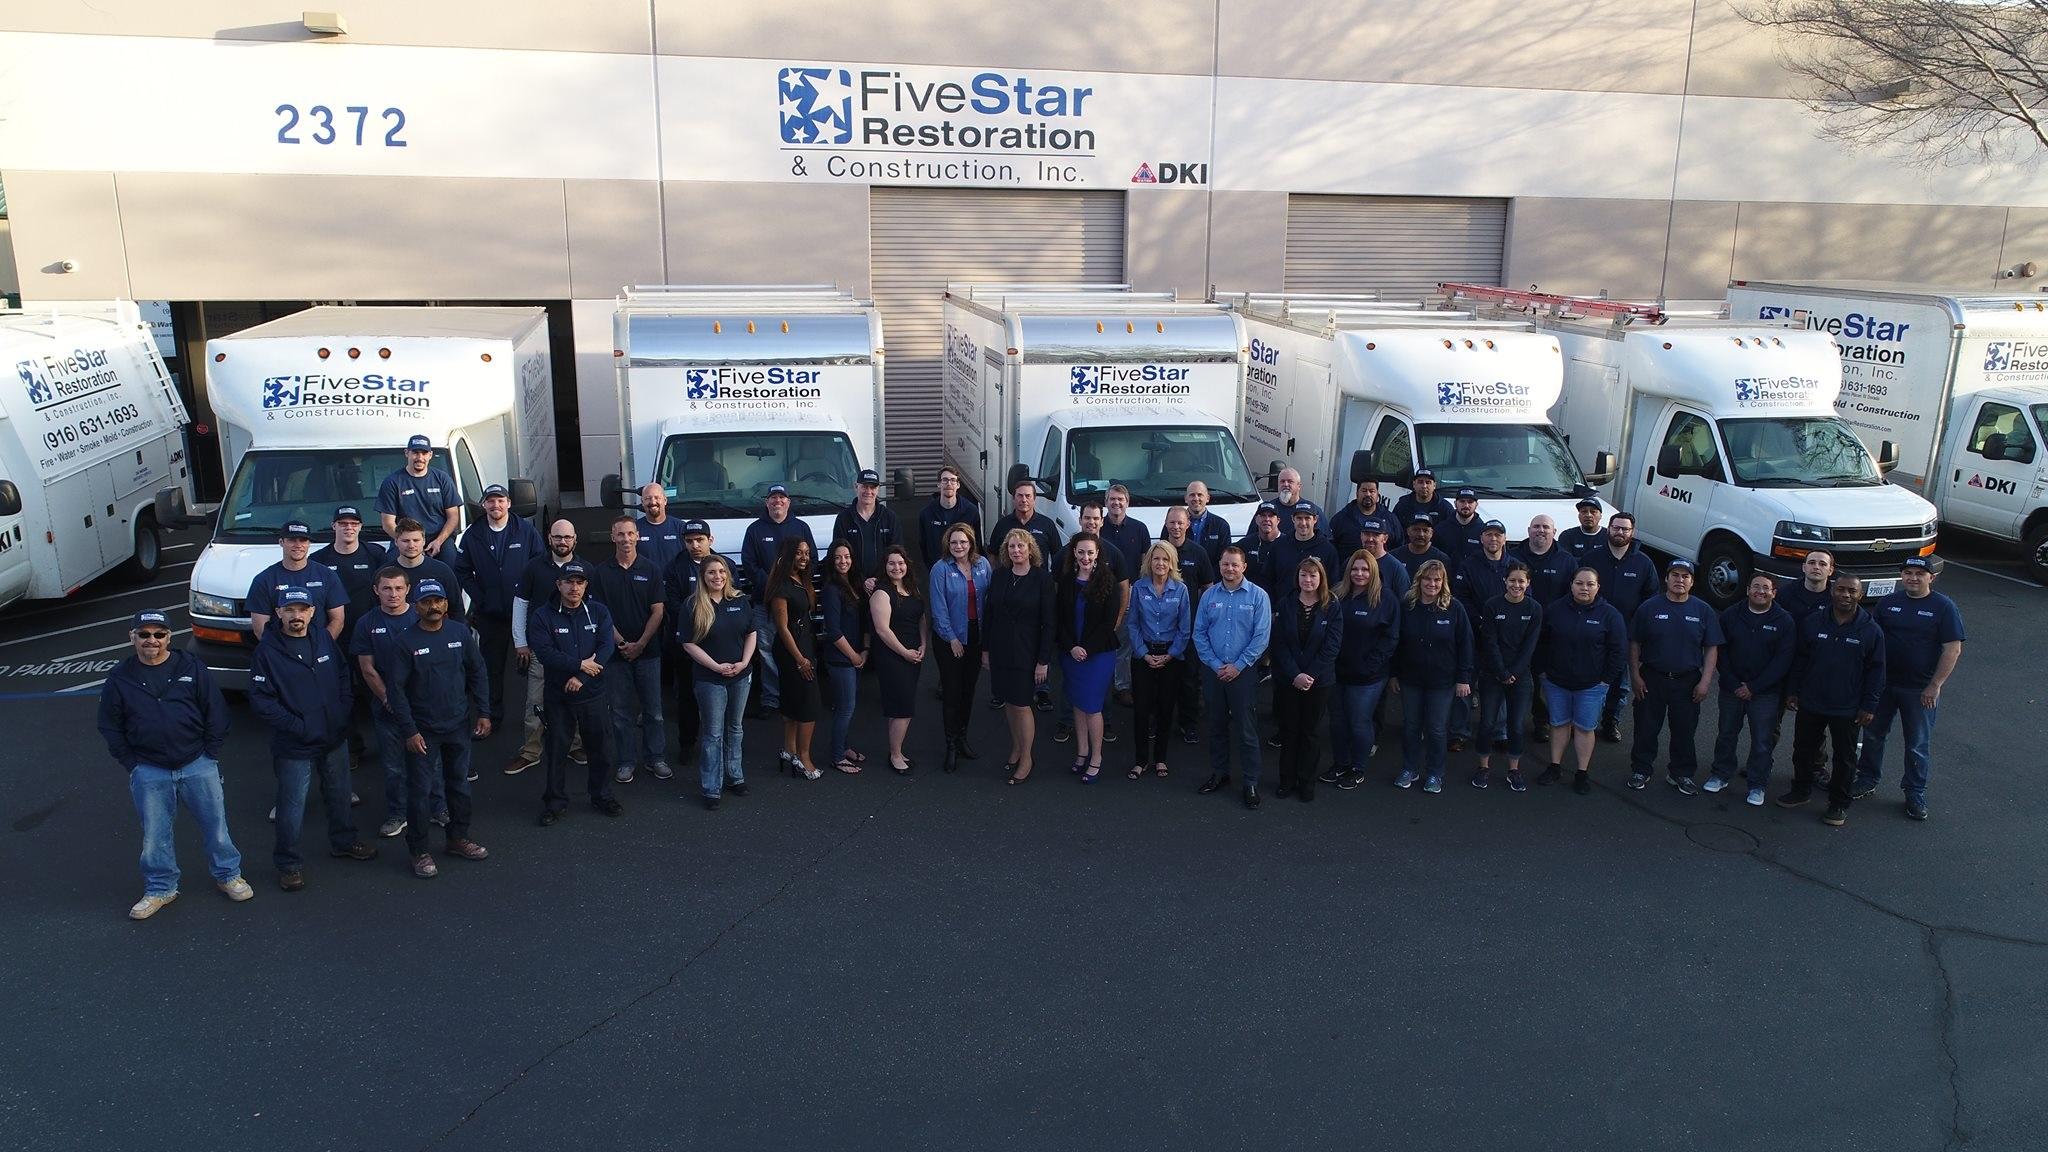 Five Star Restoration employees standing in front of service vans fleet